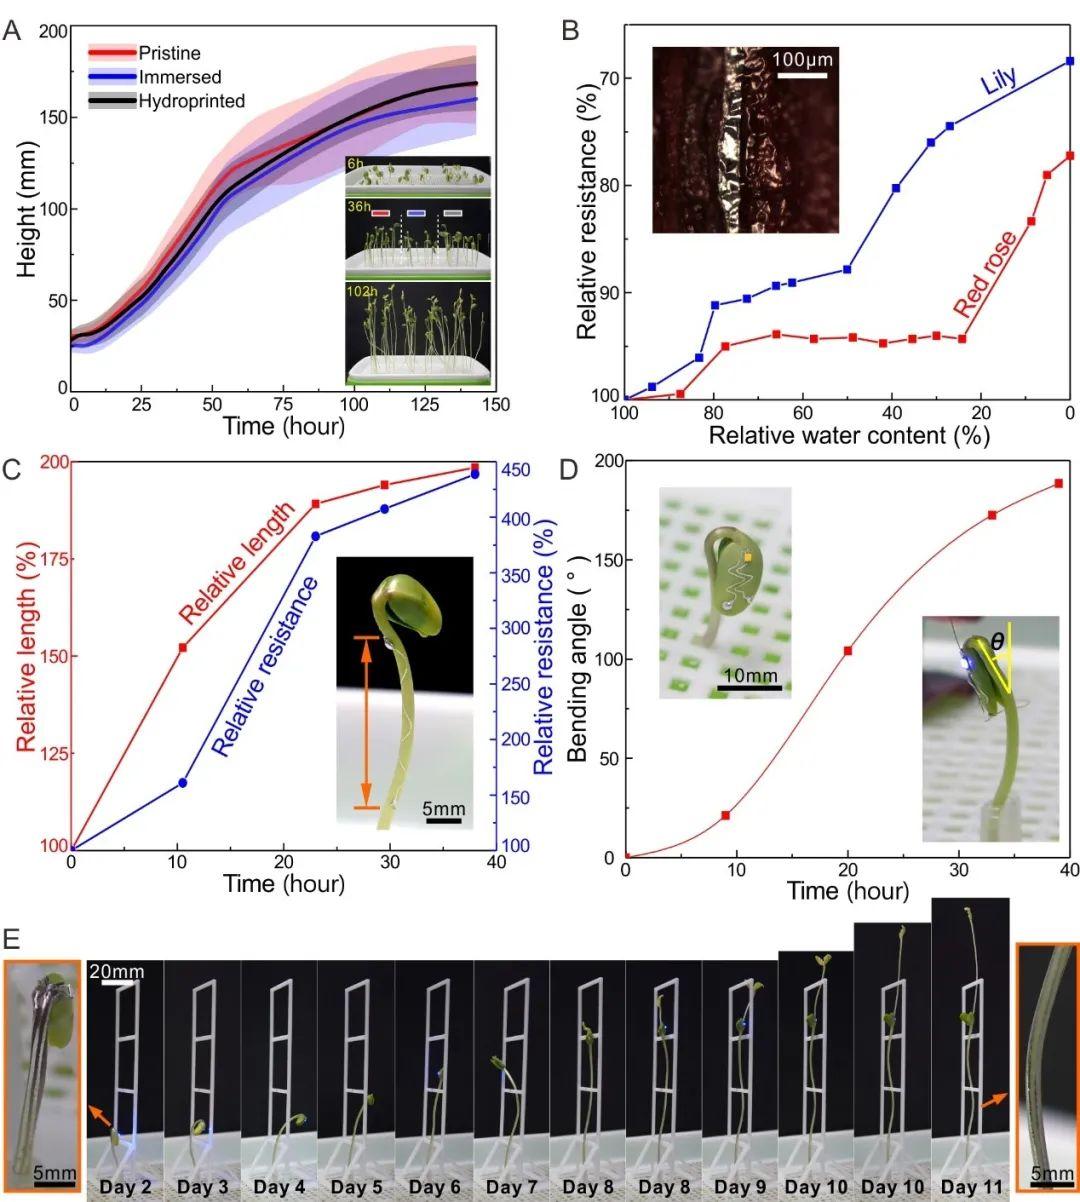 华中科技大学丁汉院士/吴志刚教授《Small》:可用于植物检测和生长操控的液态金属水转印